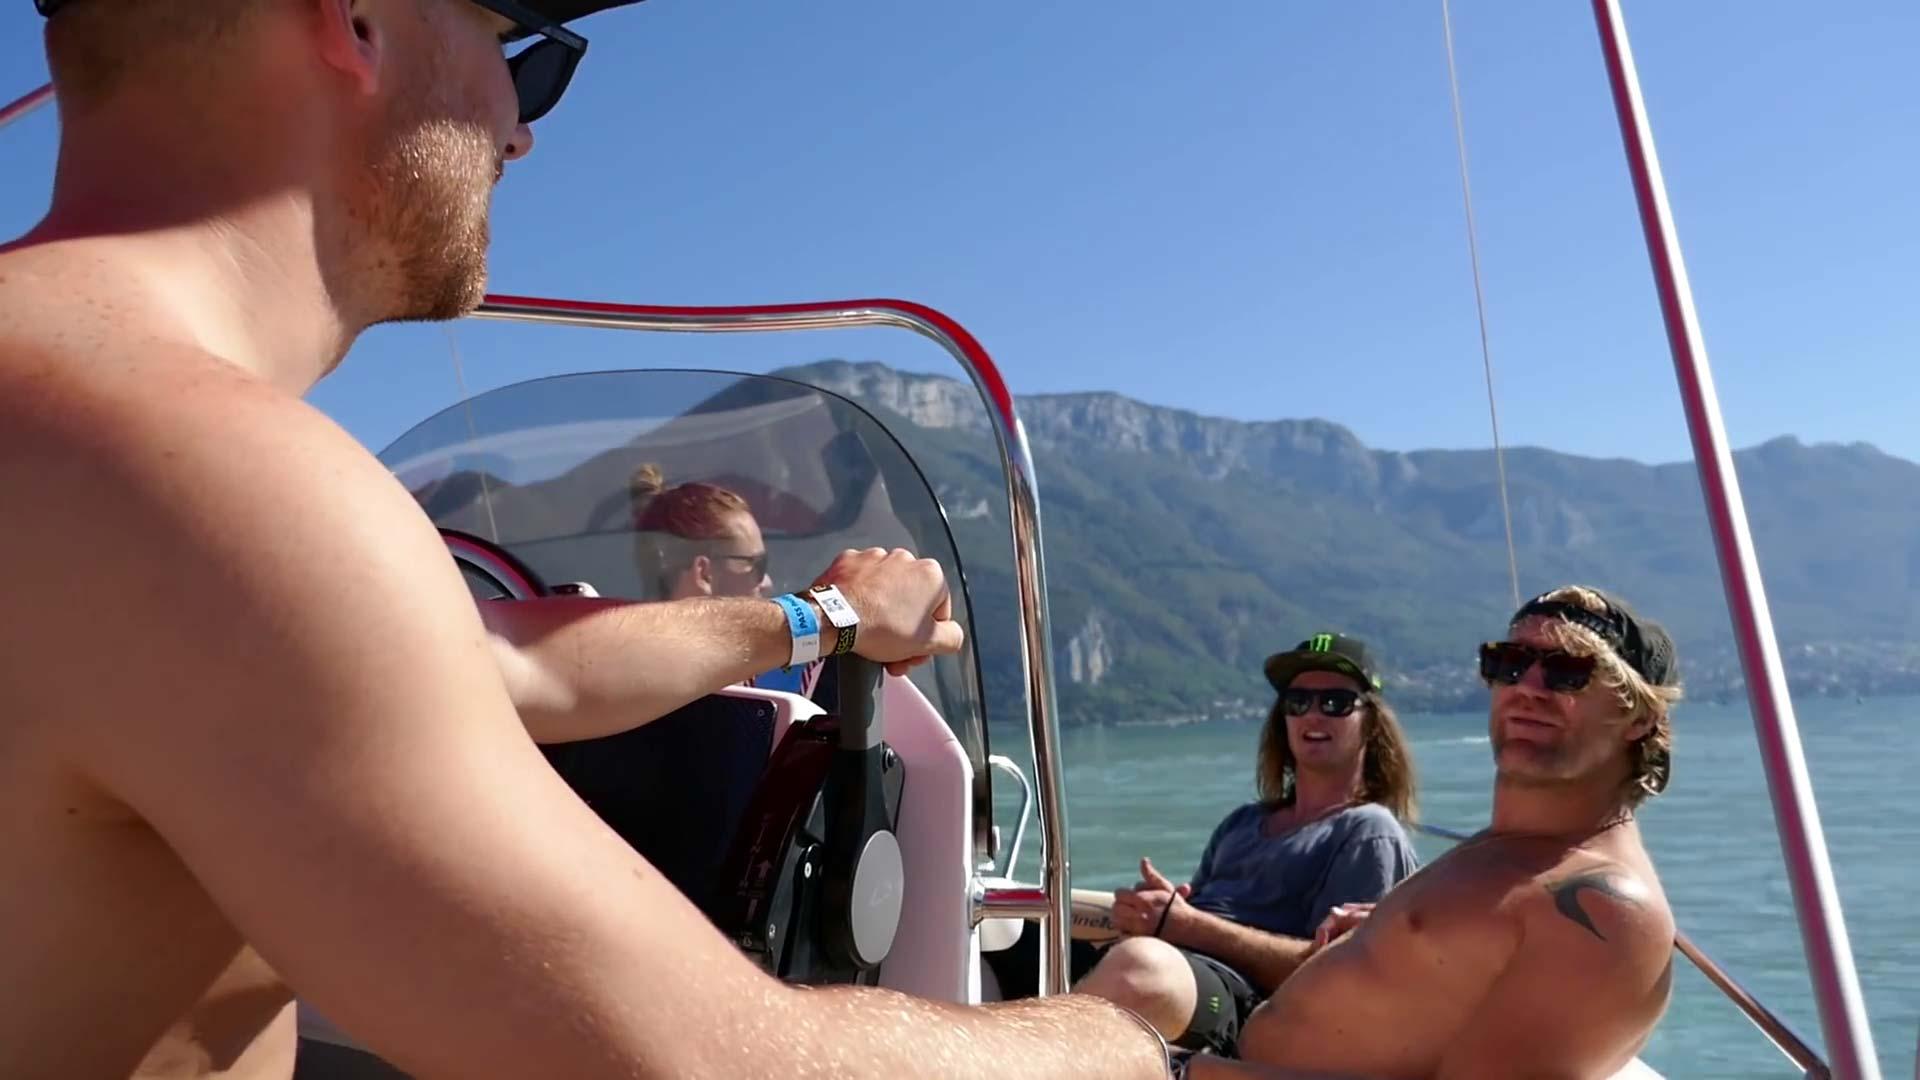 Bei diesem Wetter würden wir wahrscheinlich auch eher einen Ausflug mit dem Boot machen anstatt uns über einen super sketchy City Big Air Kicker zu knallen.